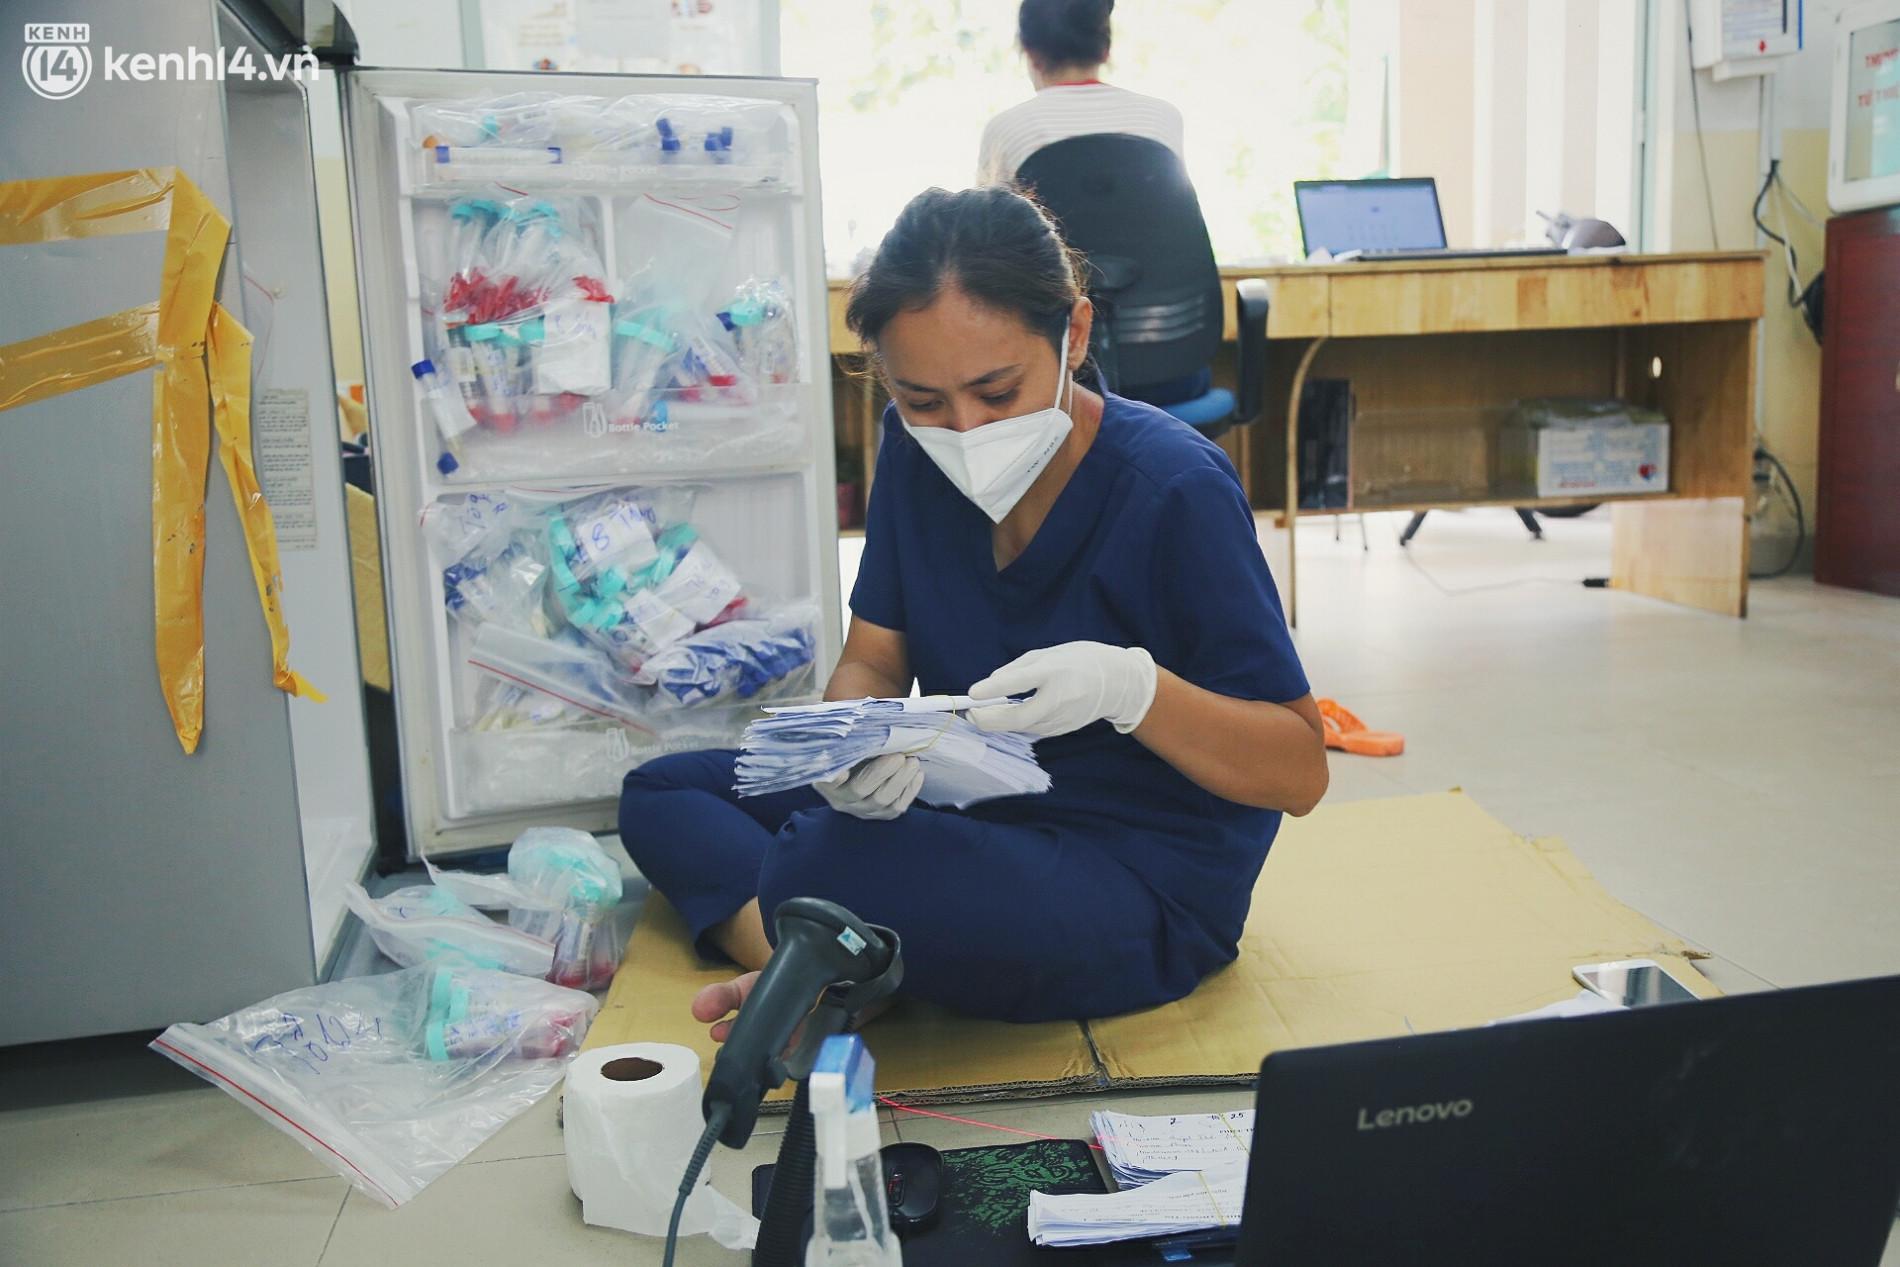 Mẹ mất, 2 con nhỏ nhiễm Covid-19, vợ chồng nữ điều dưỡng gạt nước mắt ở lại trạm y tế chống dịch - Ảnh 1.